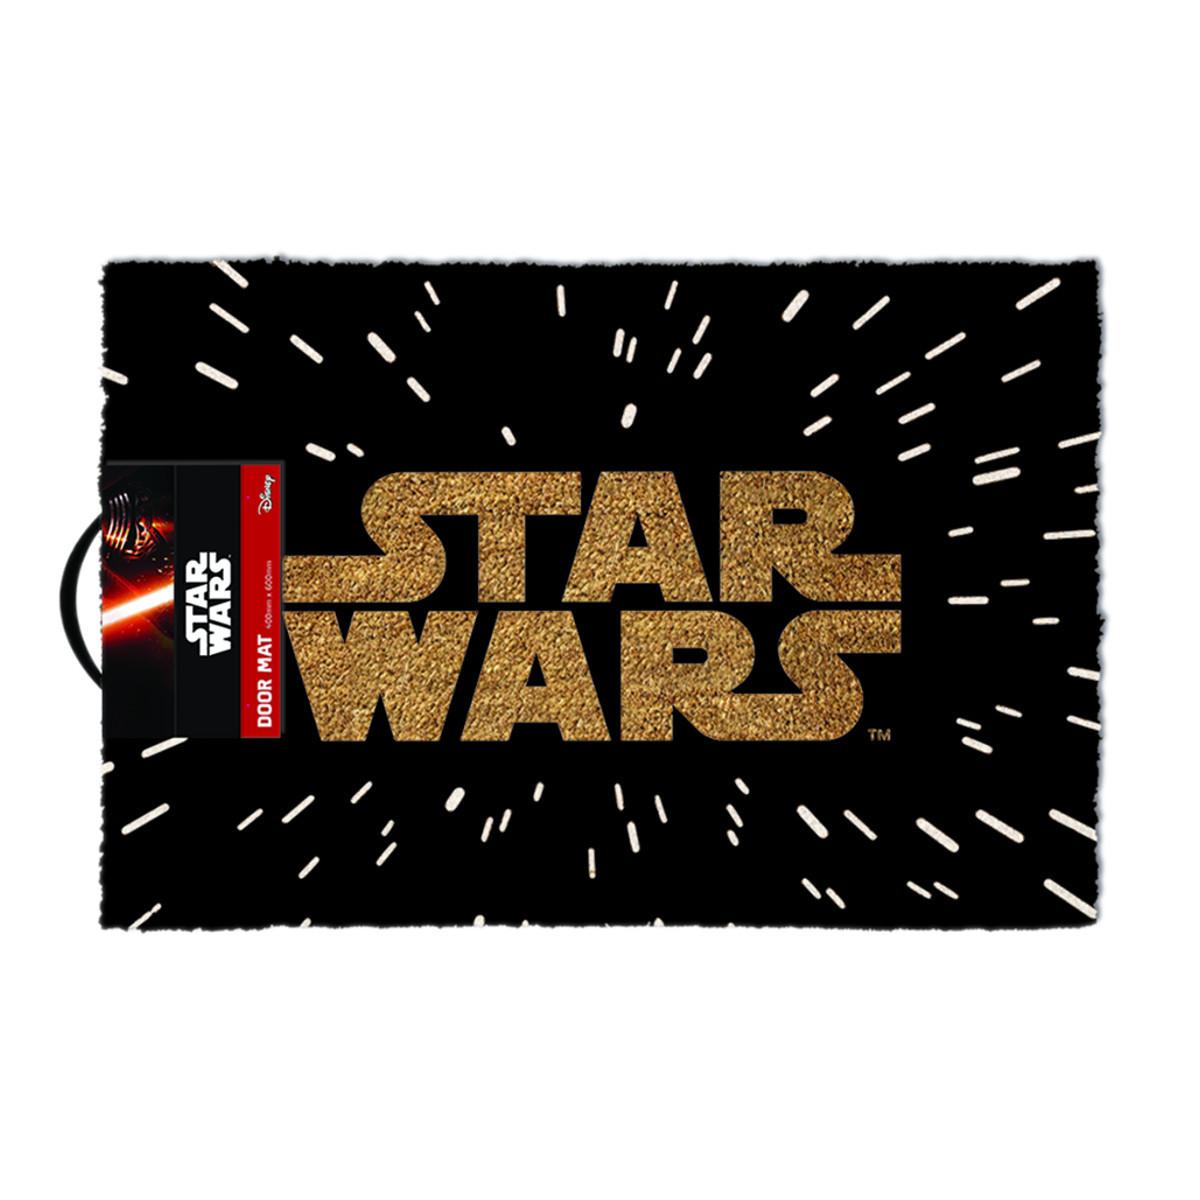 Movie & Rockstars doormats